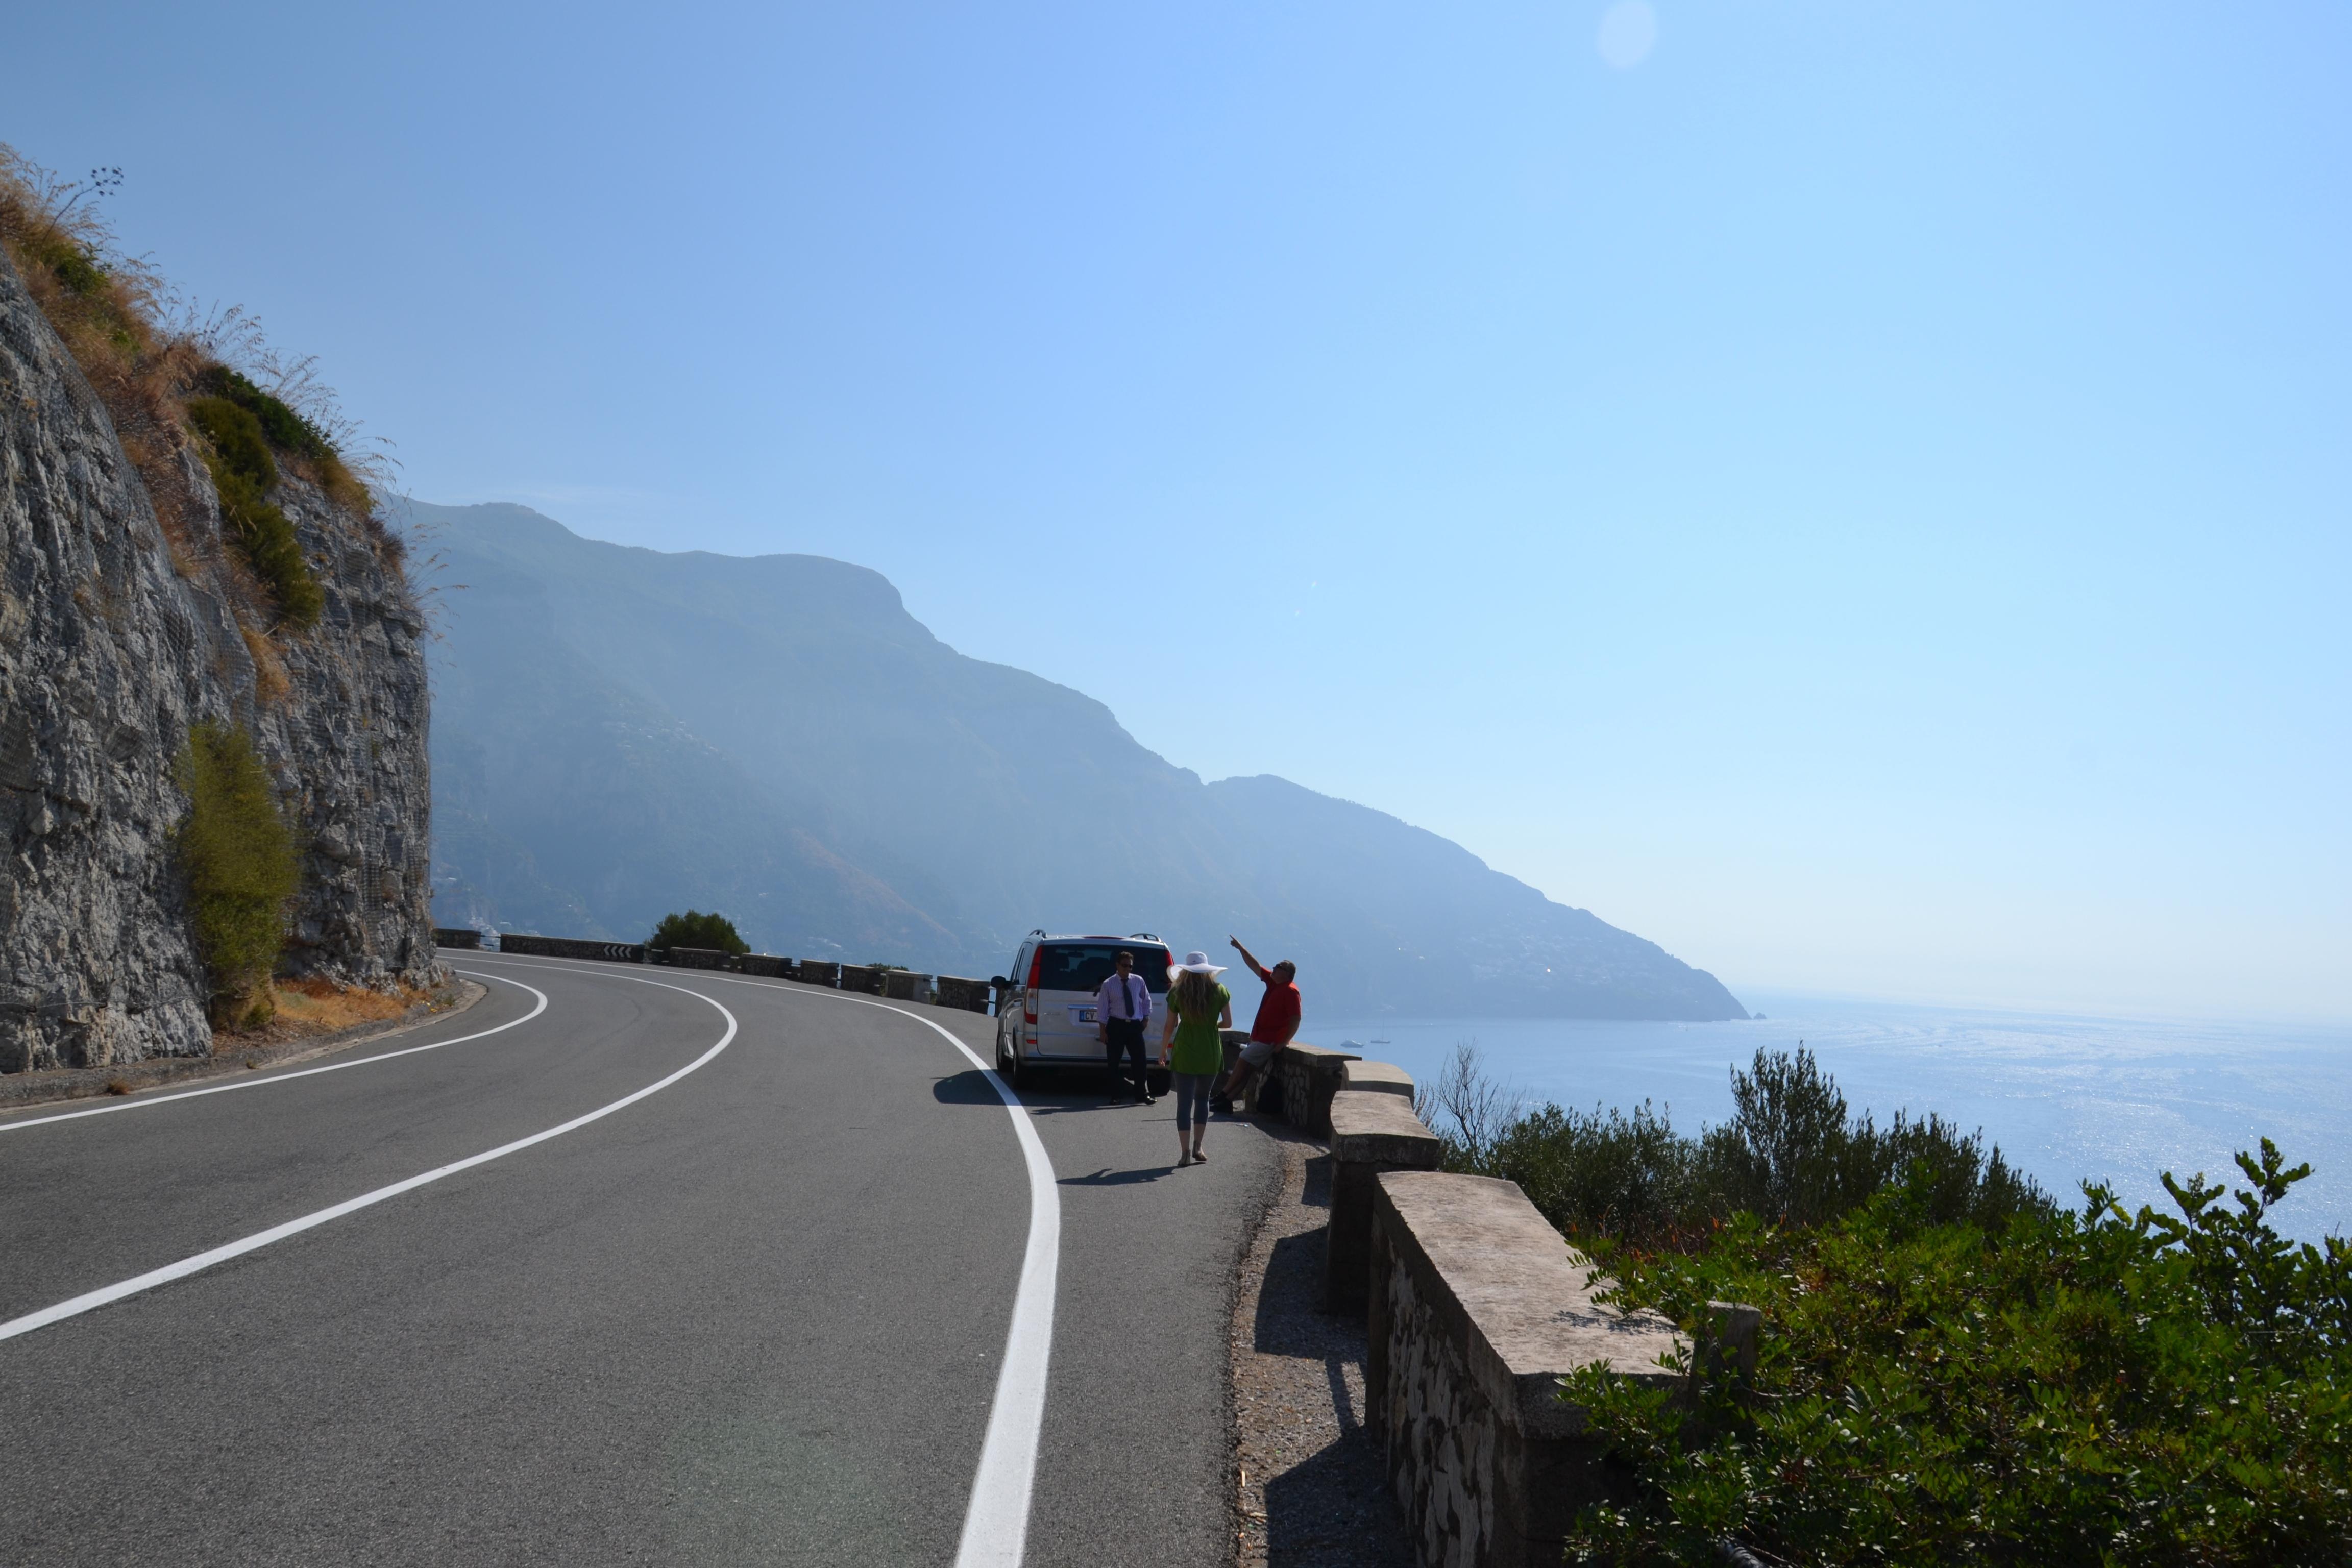 Italy Limousine